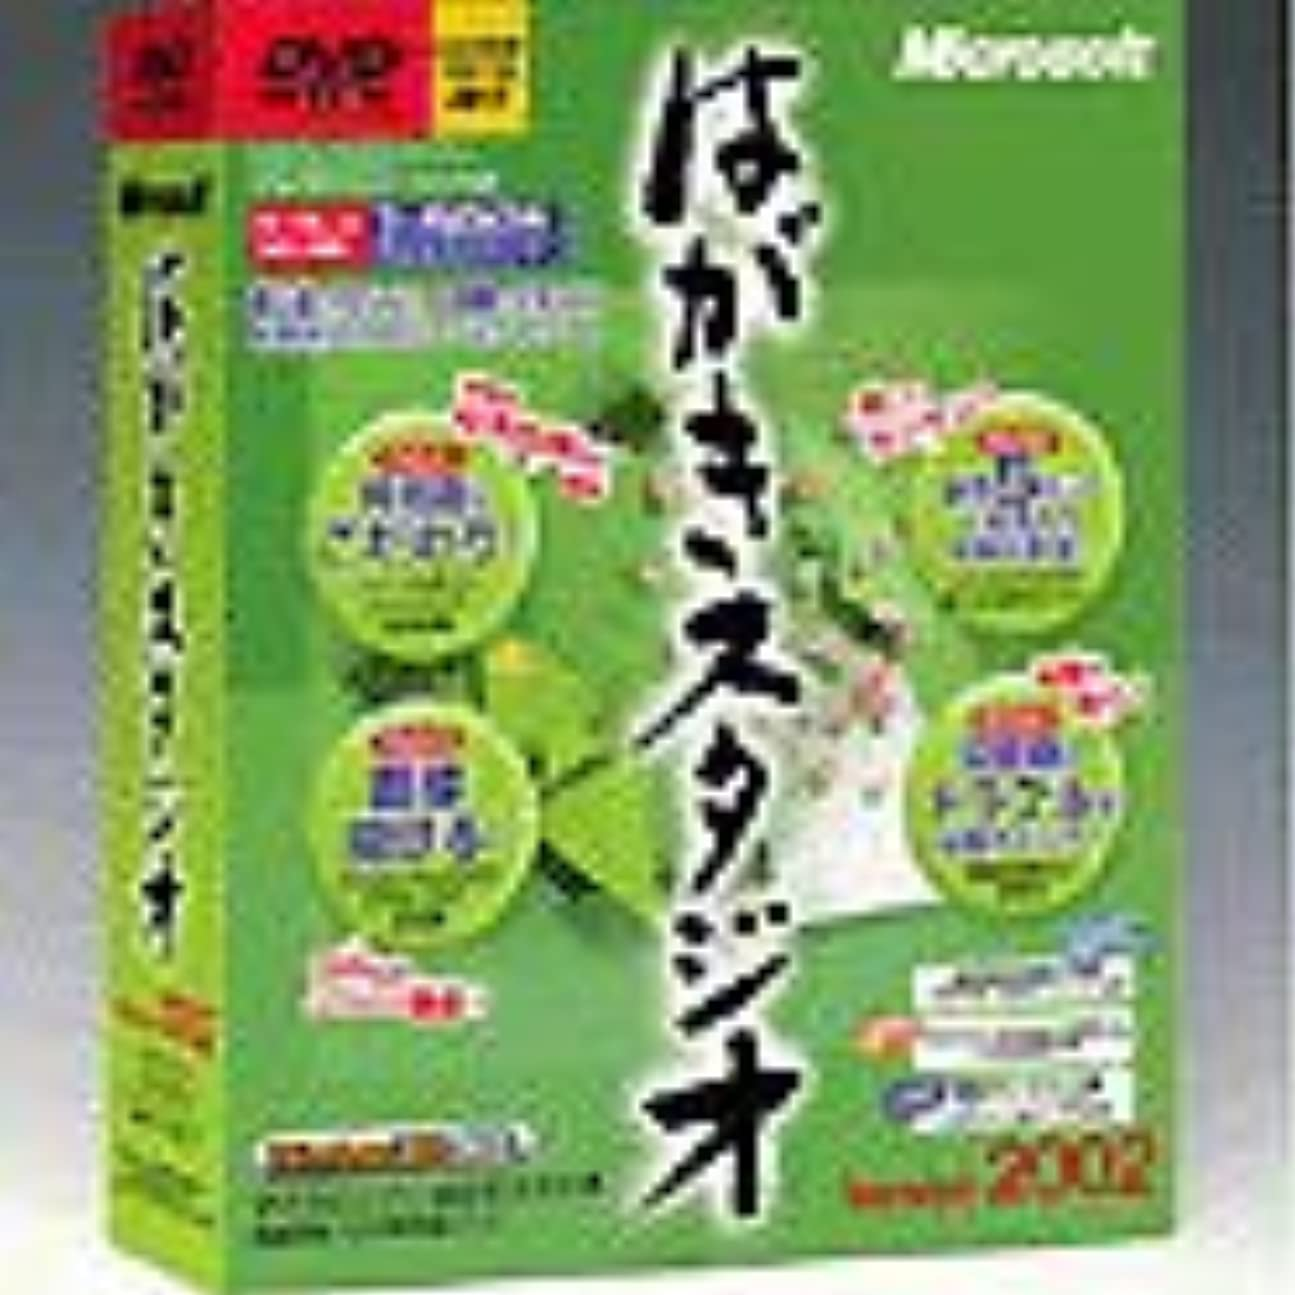 平行合成ミッションMicrosoft はがきスタジオ Version 2002 DVD-ROM版